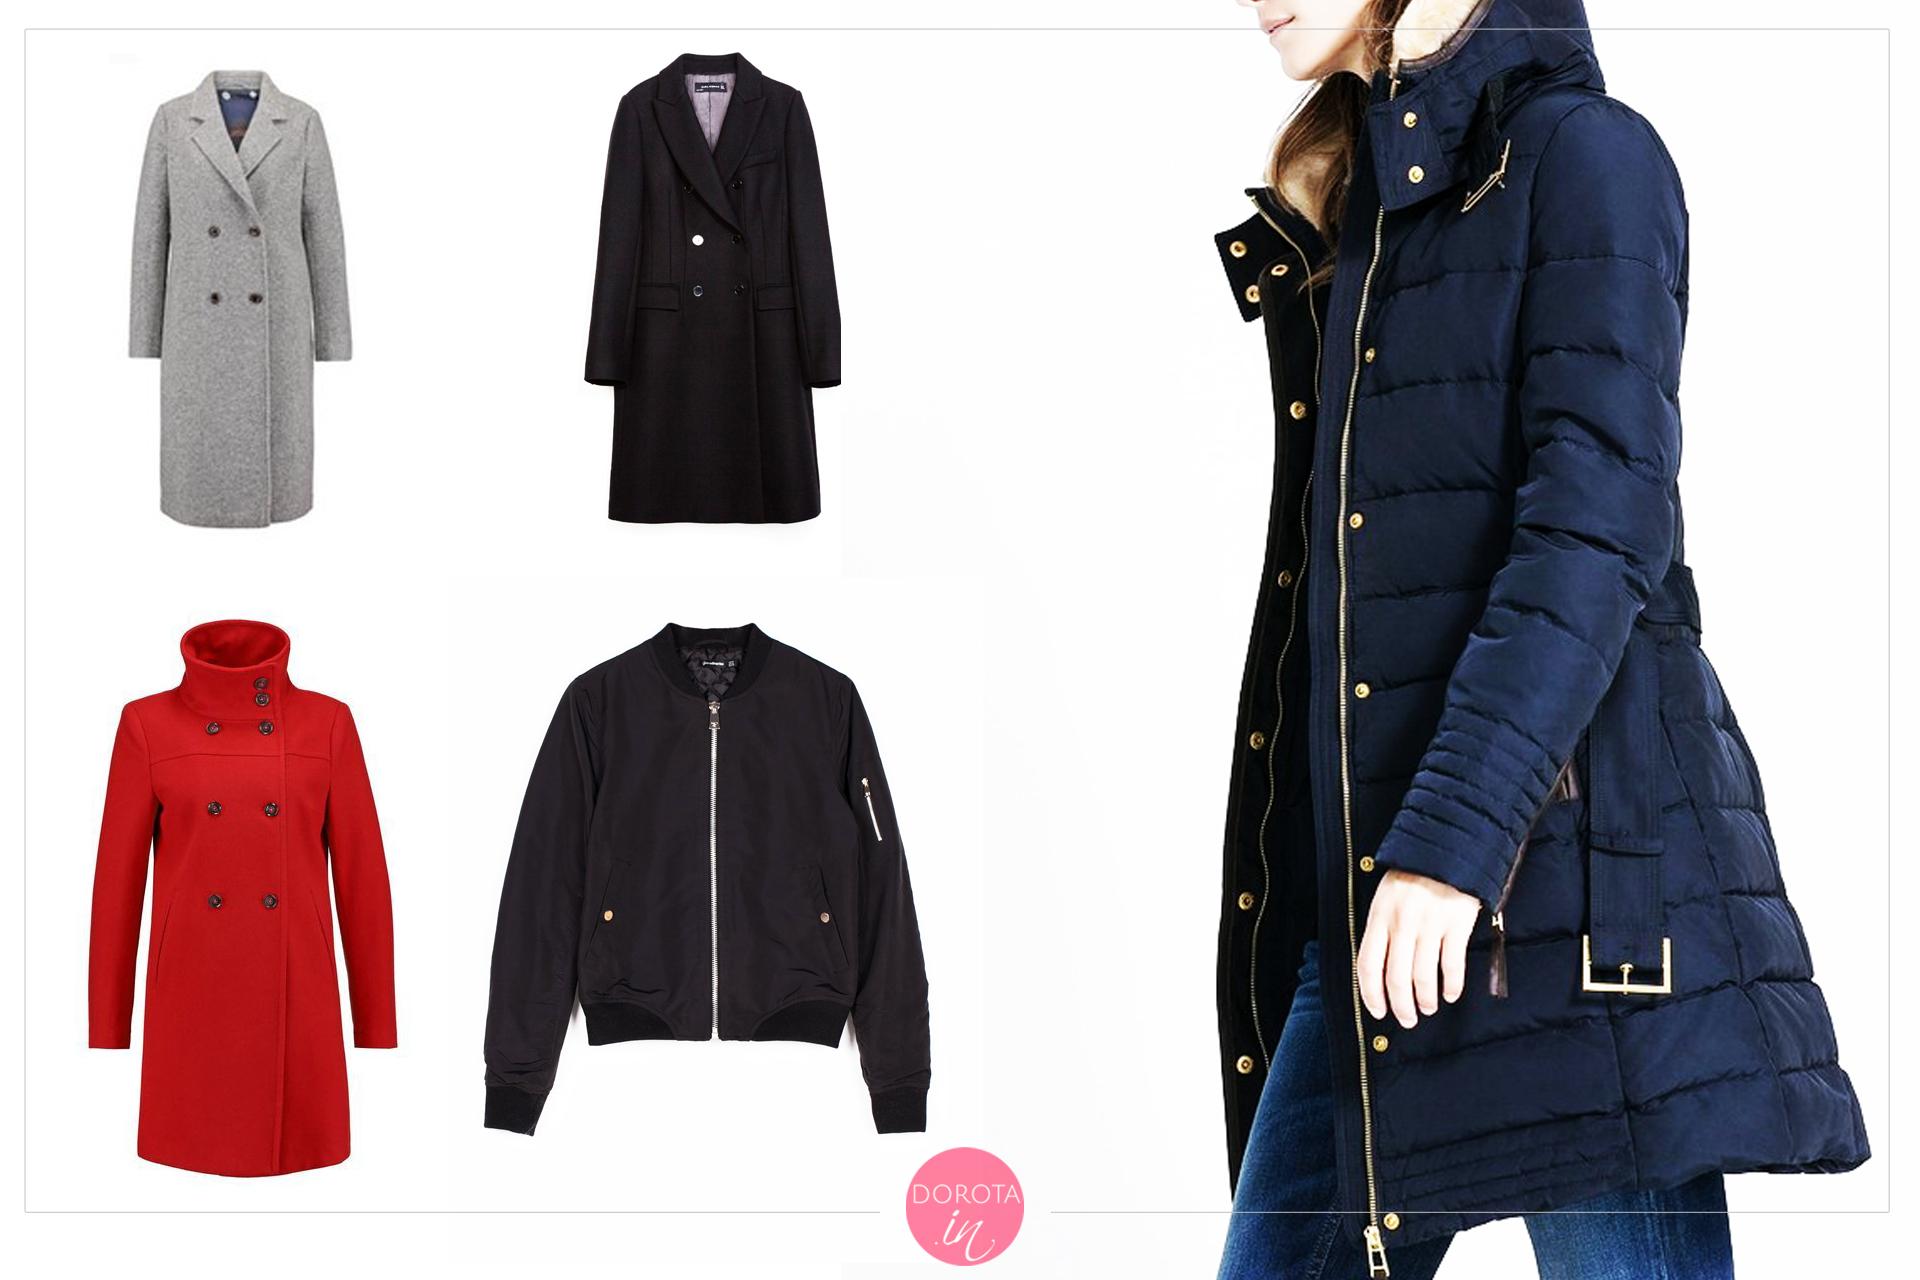 Płaszcze i kurtki na zimę - garderoba kapsułowa